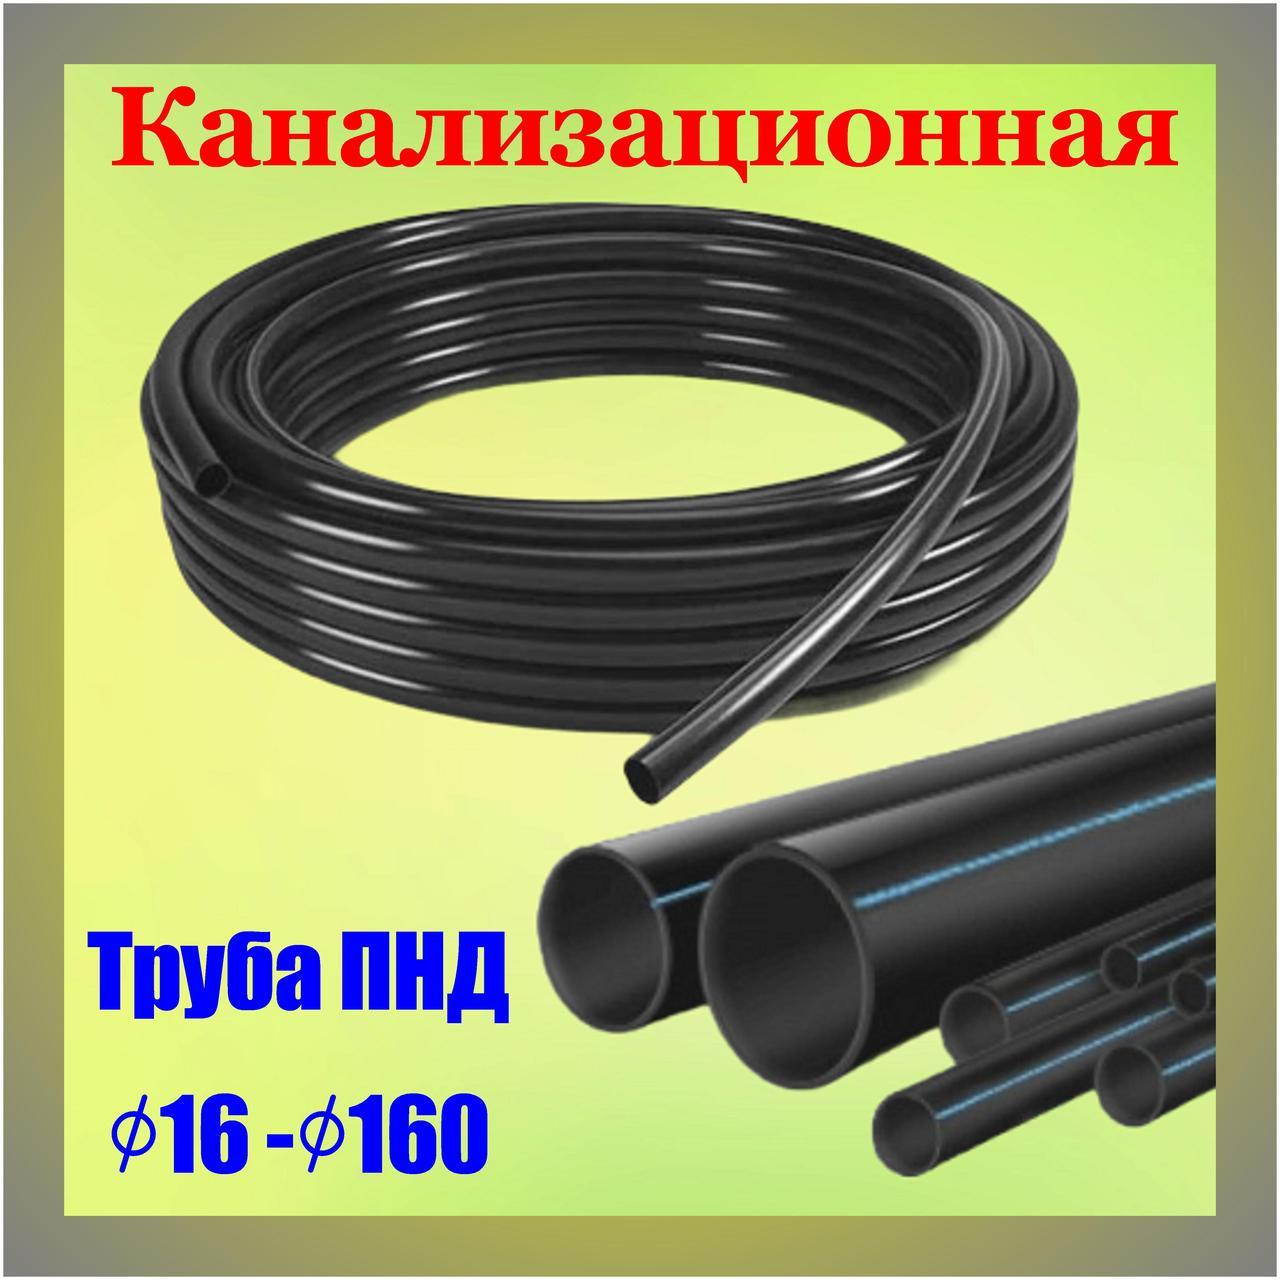 Труба ПНД 125х6 мм для канализации